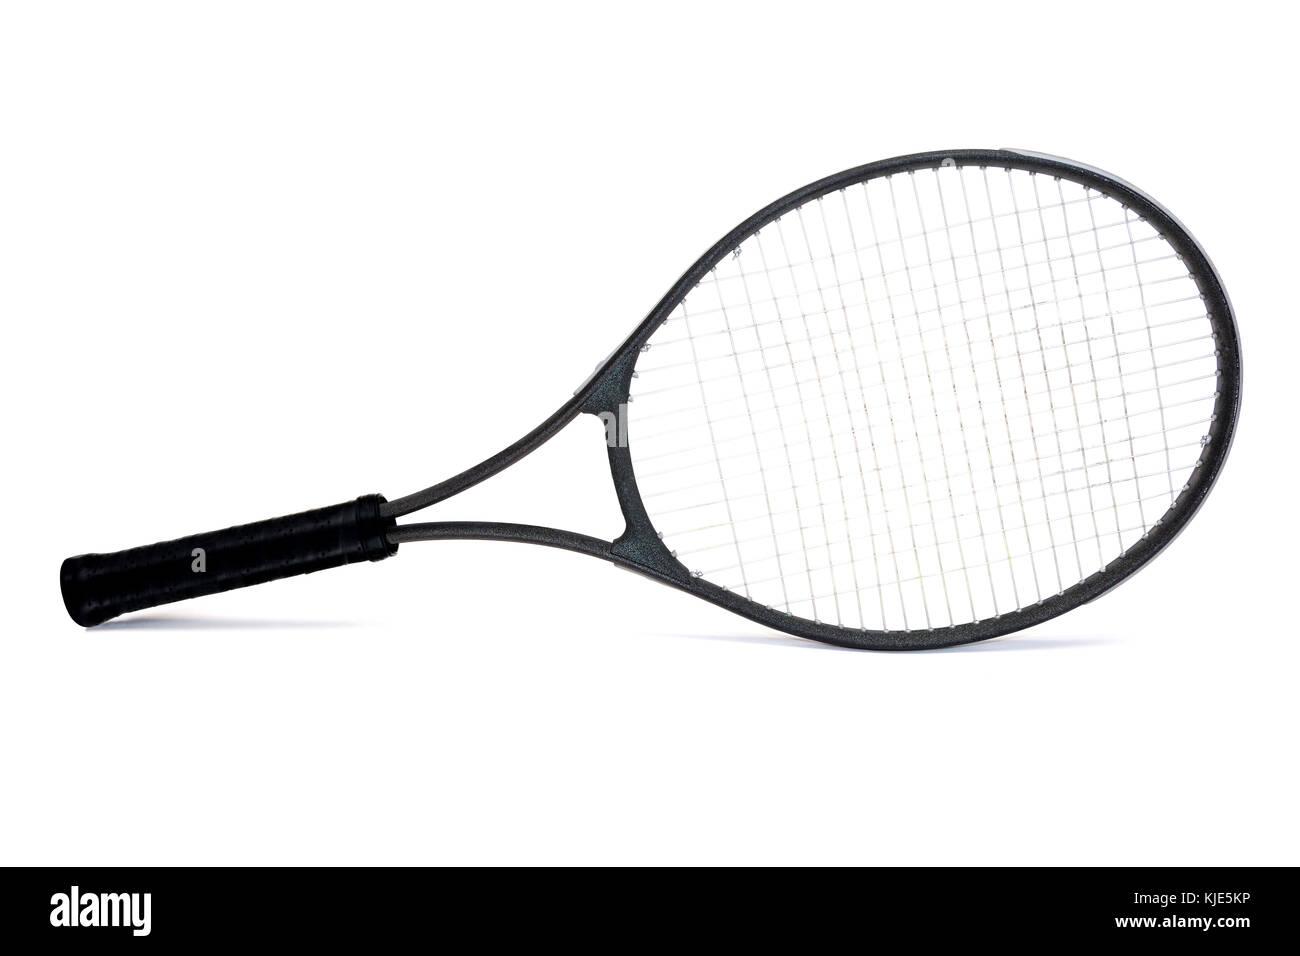 Des raquette de tennis graphite isolé sur fond blanc. Photo Stock